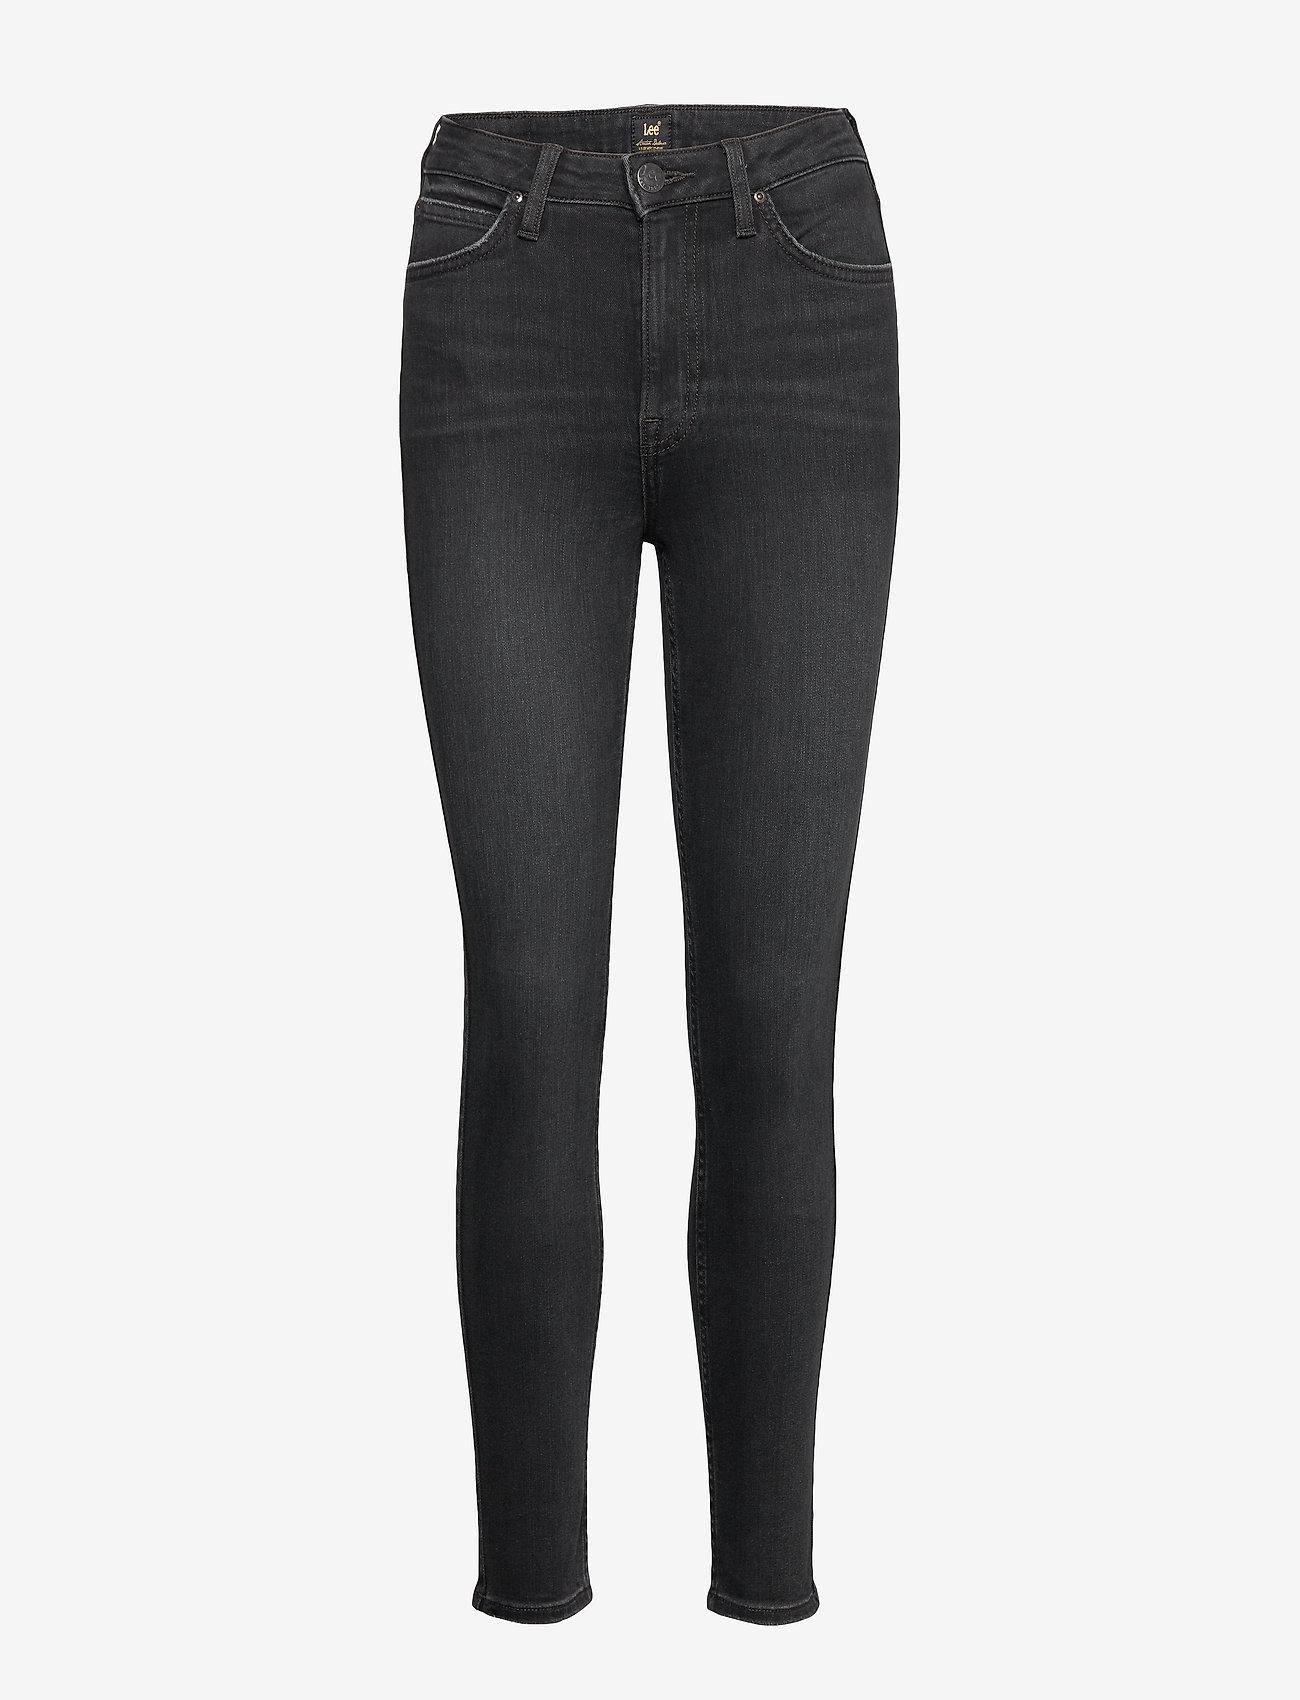 Lee Jeans - IVY - slim jeans - washed black - 1